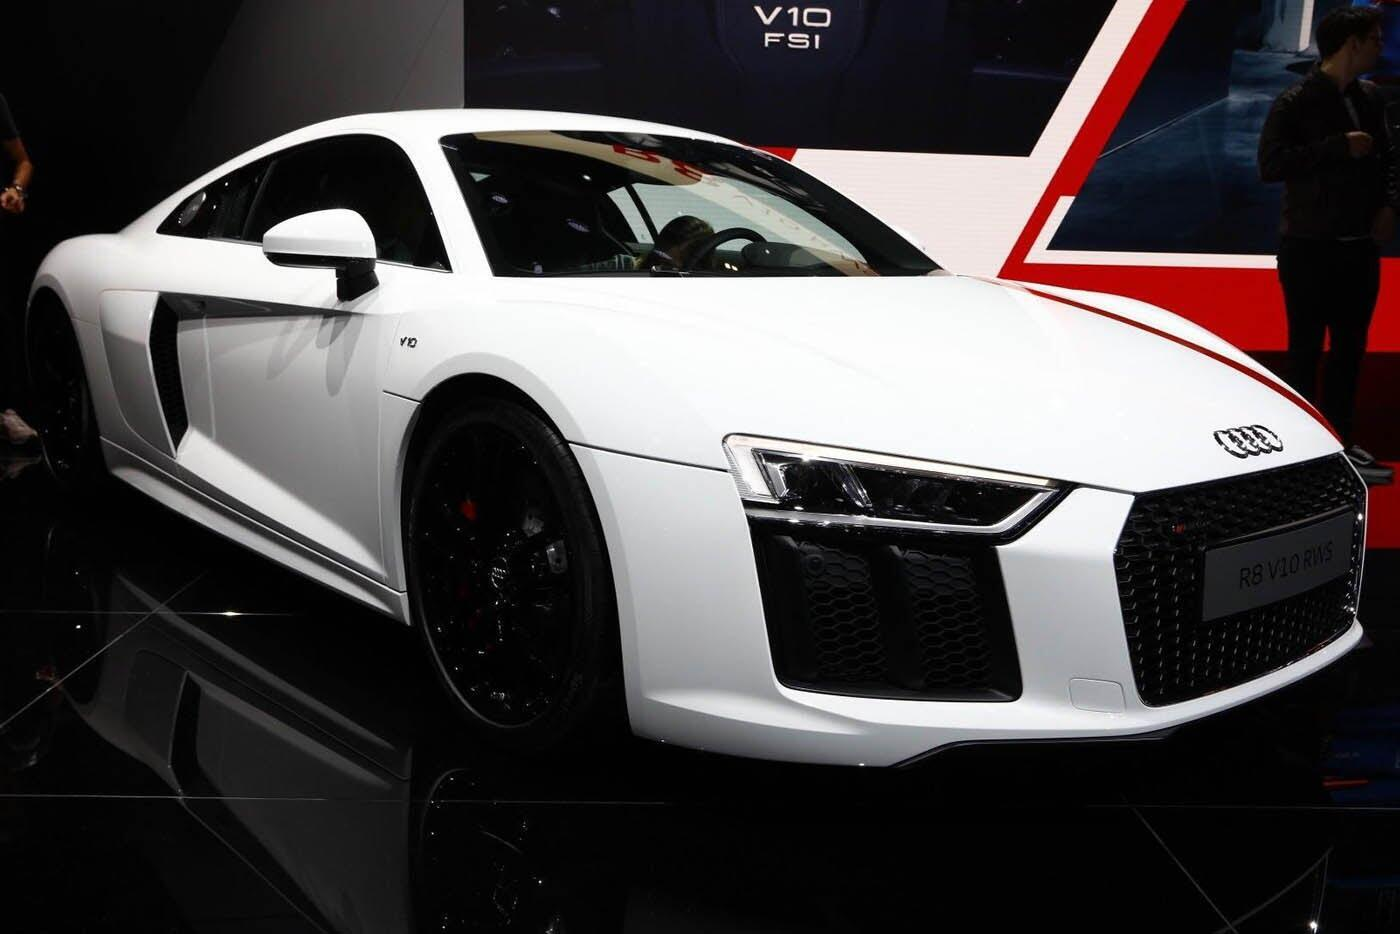 """Audi giới thiệu """"hàng hiếm"""" R8 V10 RWS - Hình 2"""